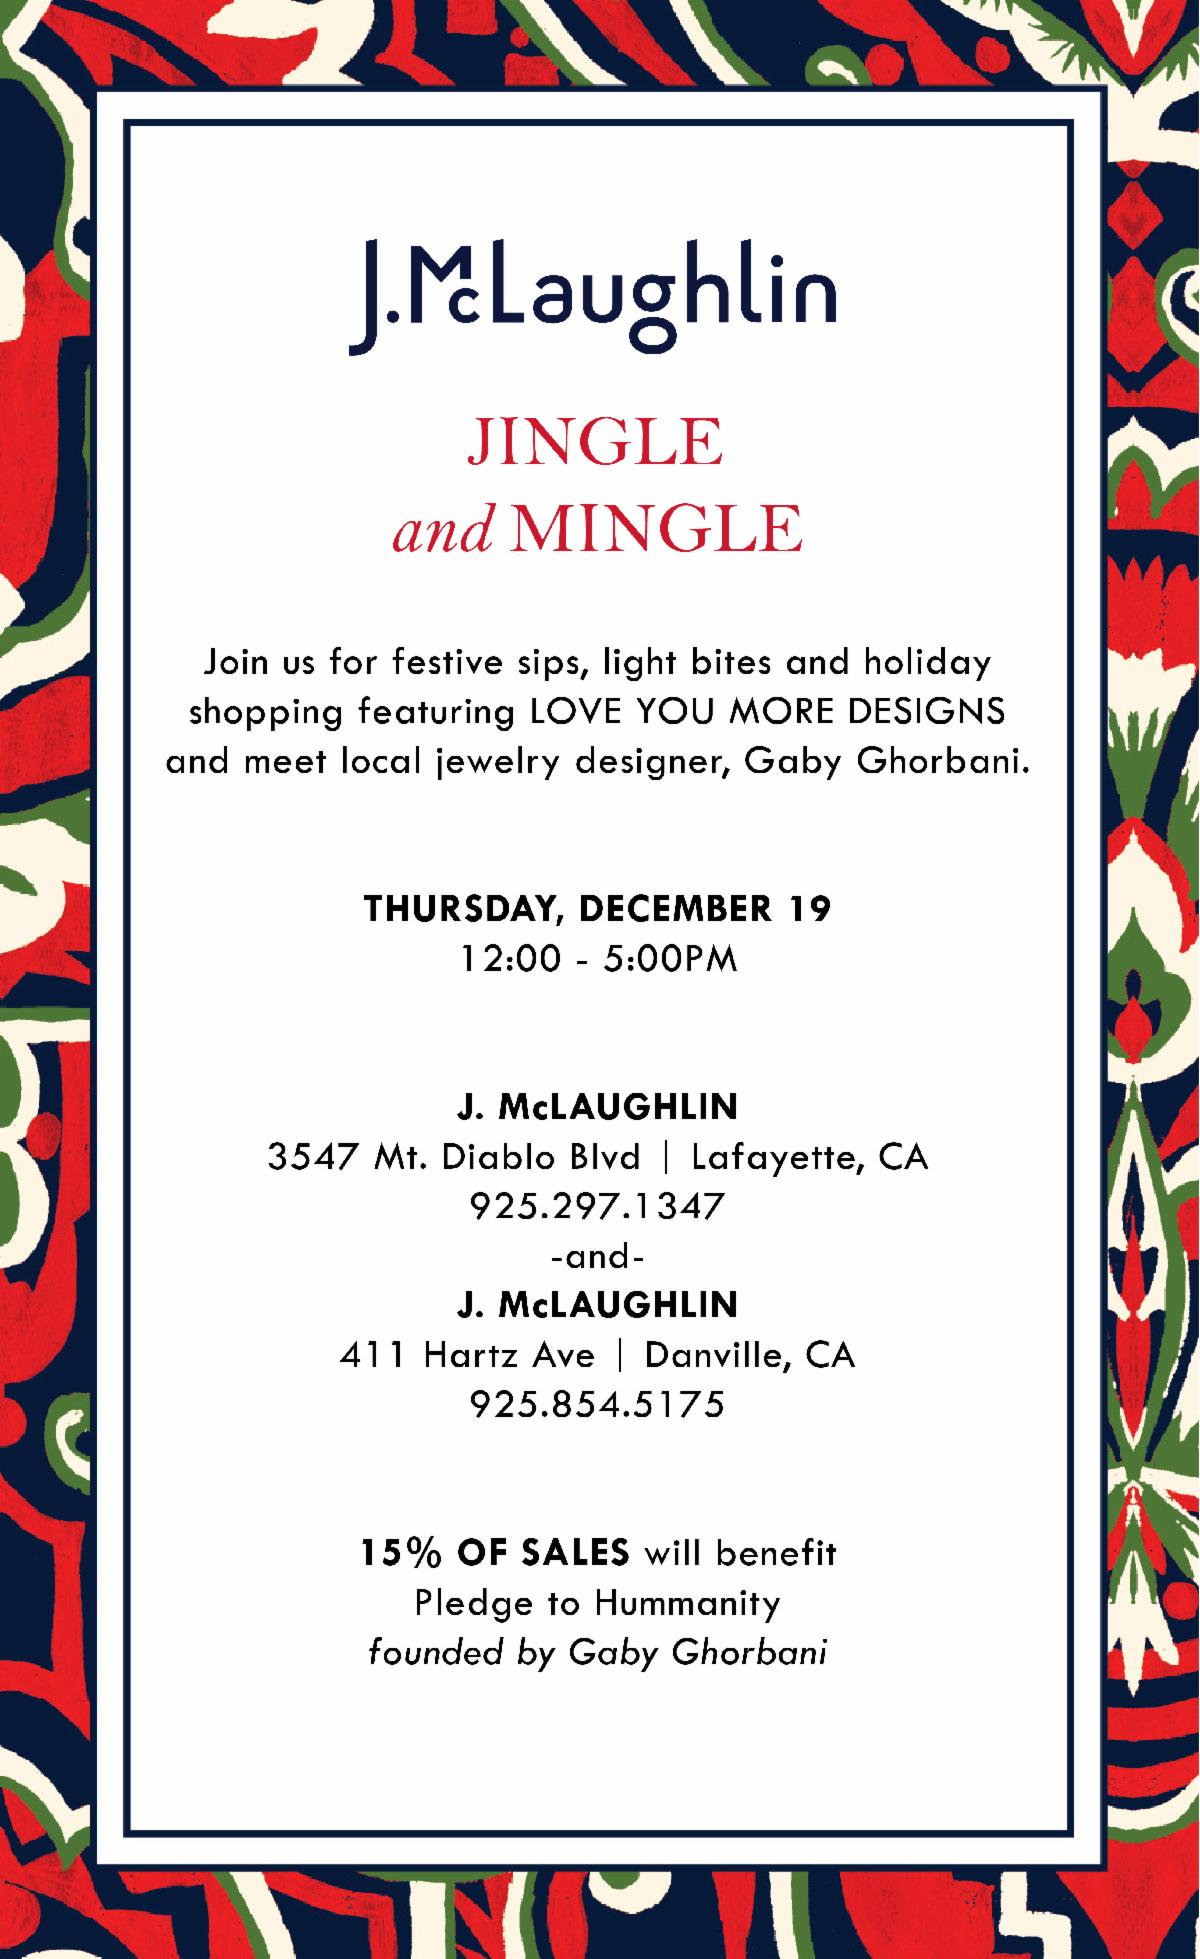 J. McLaughlin Jingle & Mingle